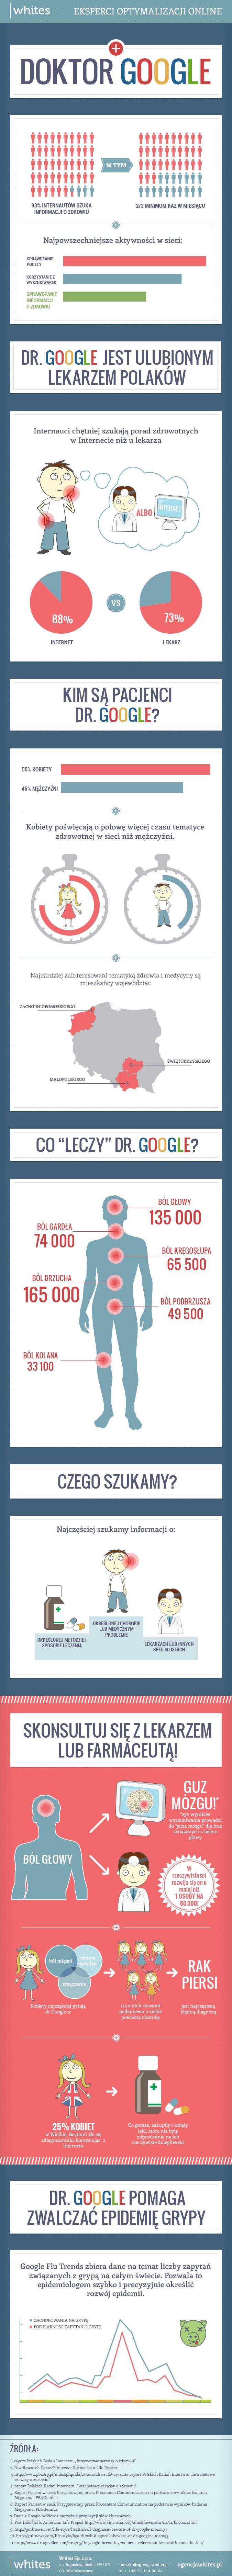 Doktor Google #infografika #preser #google #zdrowie #lekarz